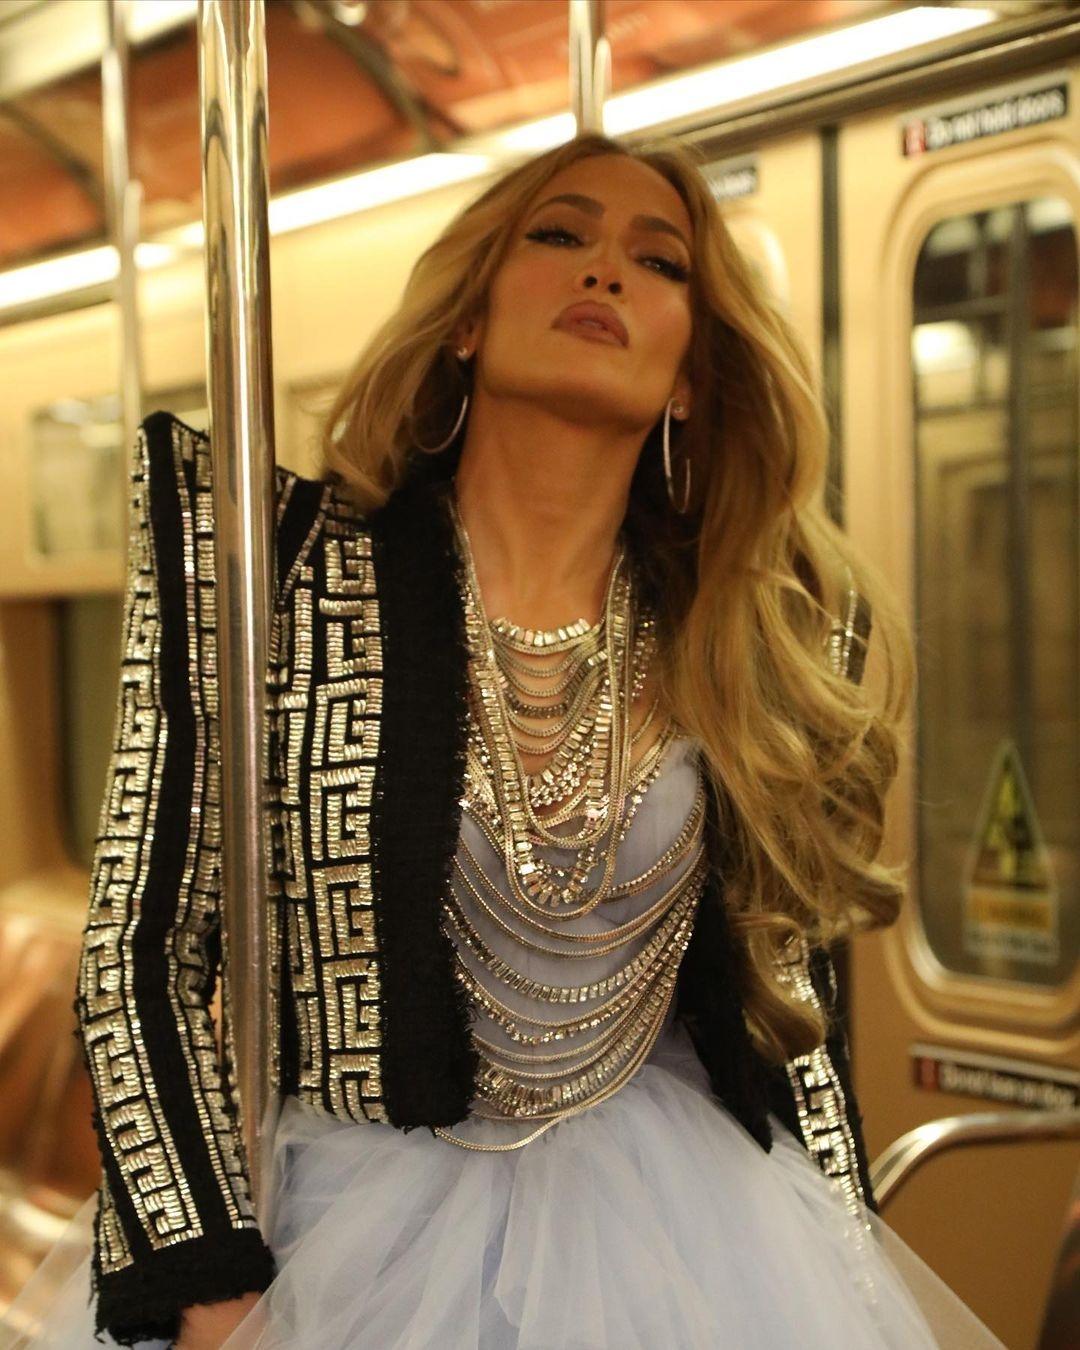 Новогодний образ: Дженнифер Лопес в платье из тюля и виниловых ботфортах (ФОТО) - фото №3